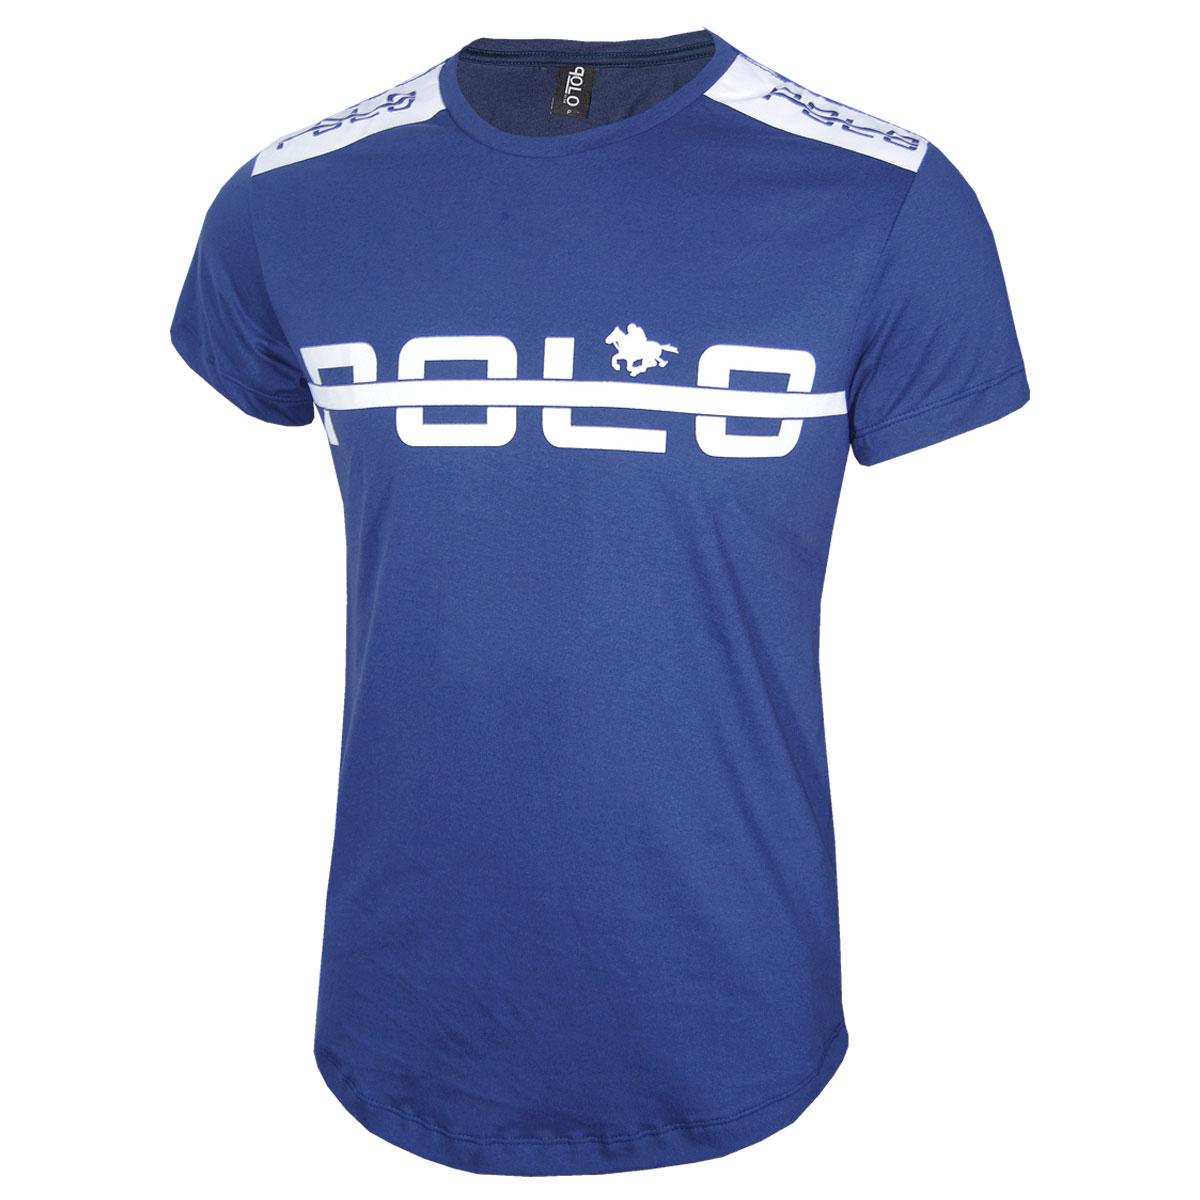 Camiseta Masculina com Estampa em Silk Polo RG518